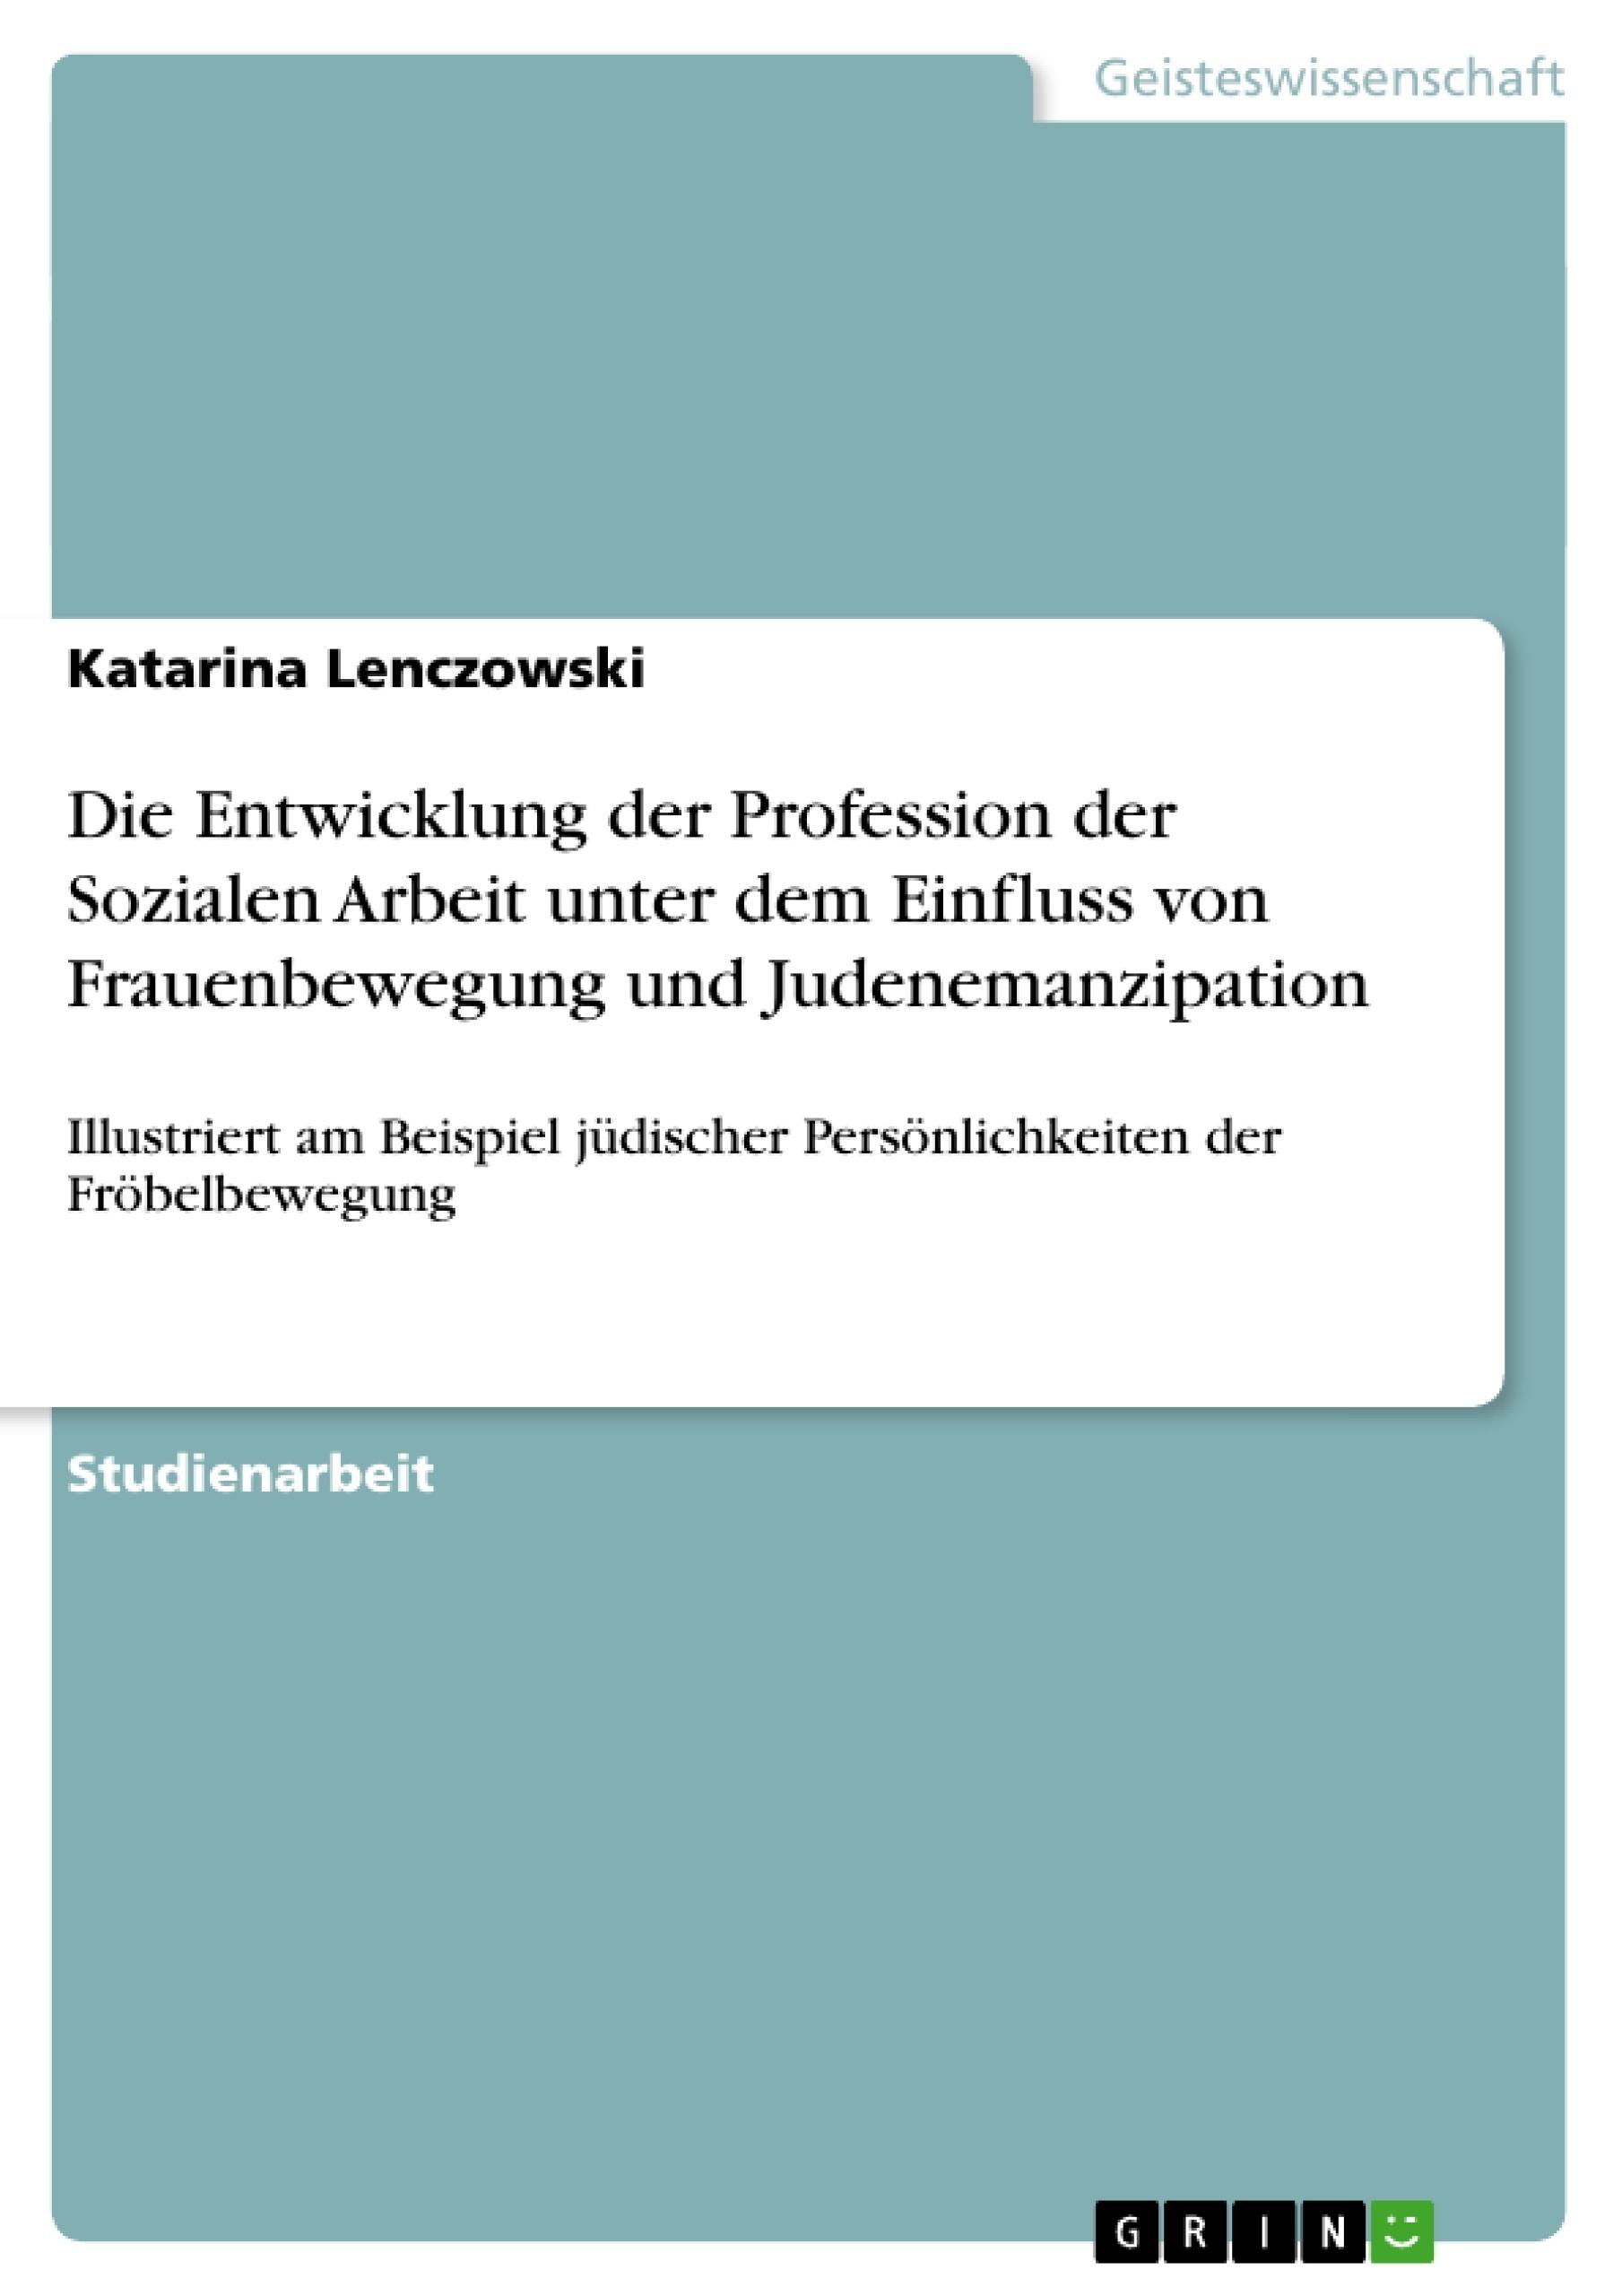 Titel: Die Entwicklung der Profession der Sozialen Arbeit unter dem Einfluss von Frauenbewegung und Judenemanzipation